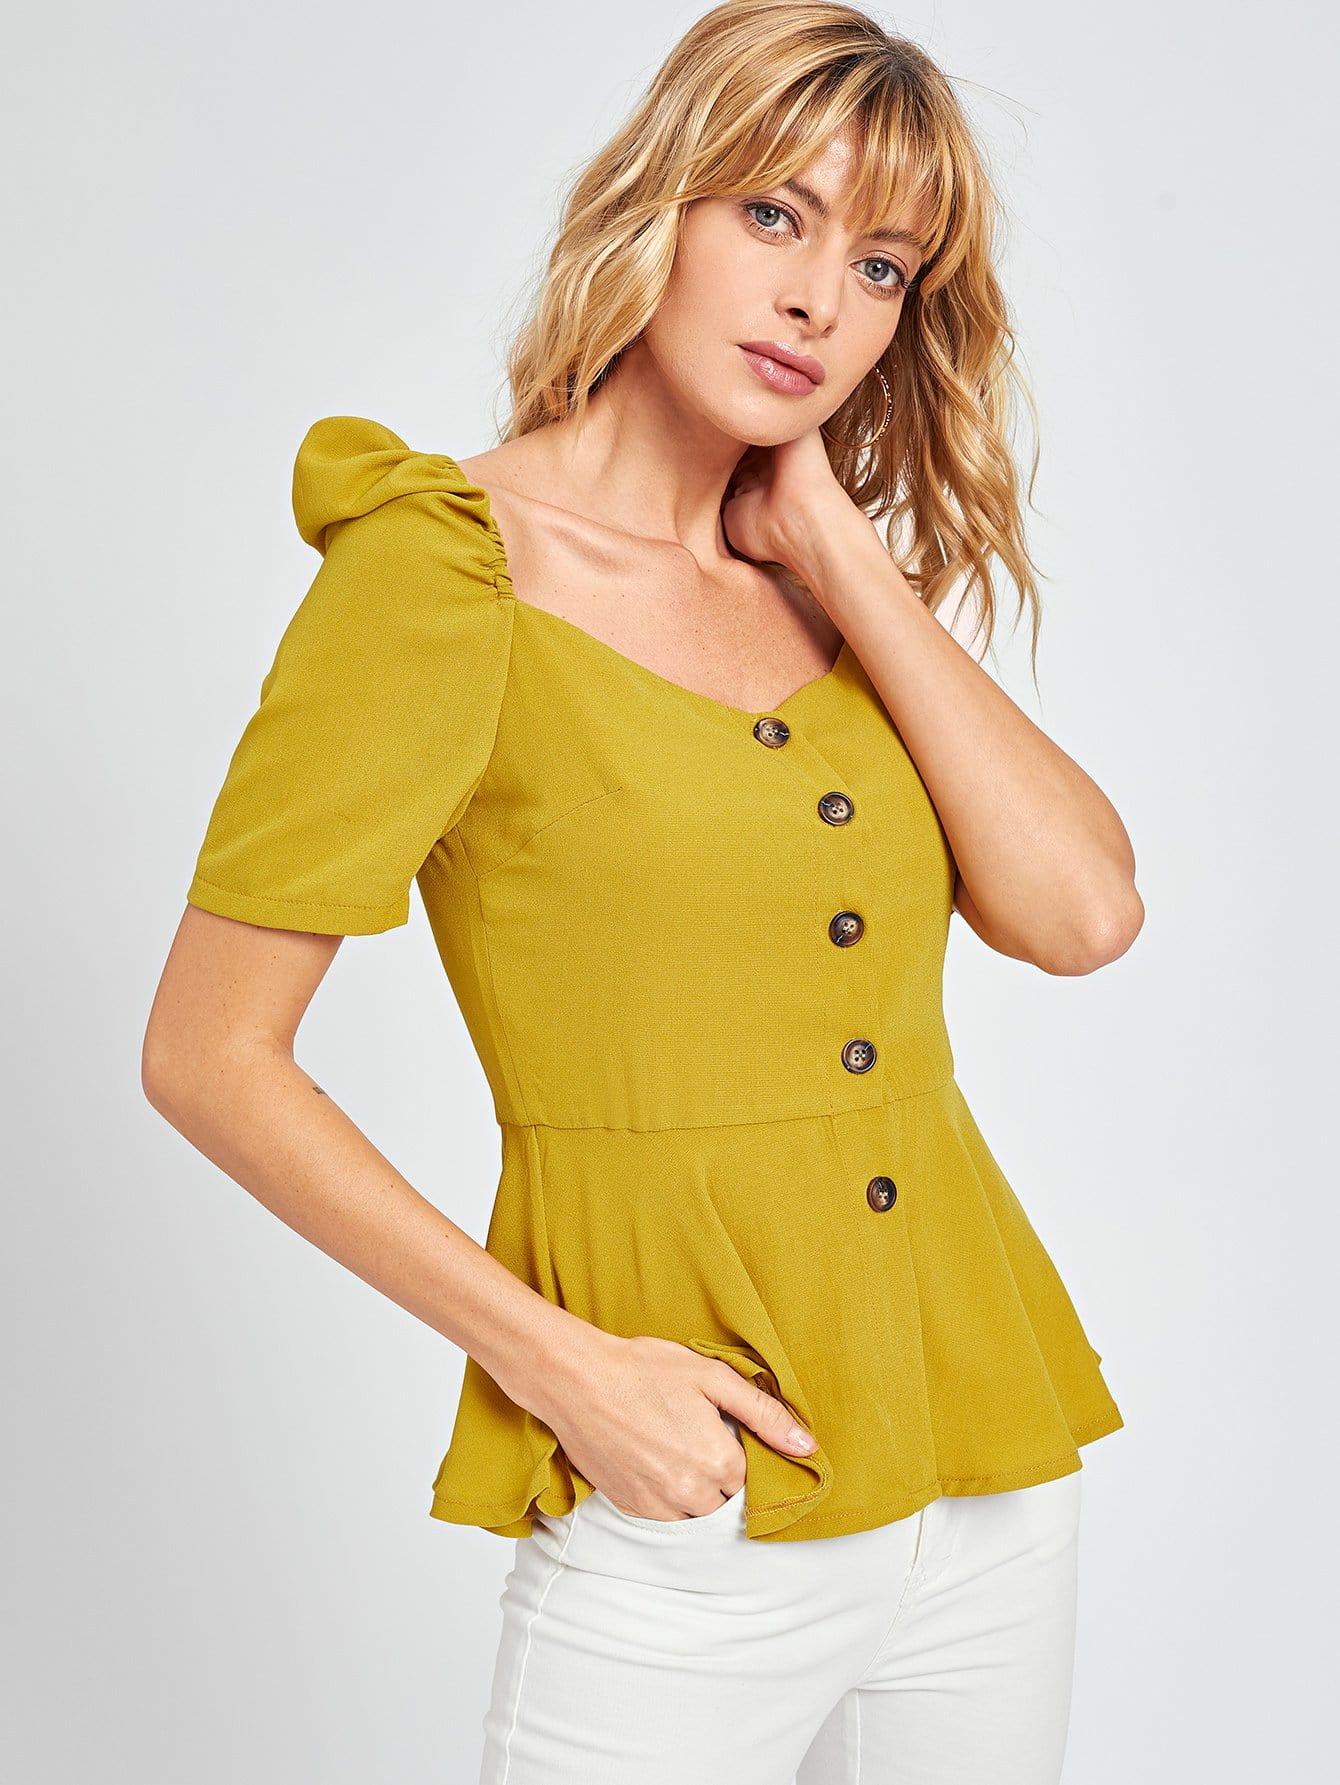 Купить Однобордная блузка с оборкой низом, Masha, SheIn